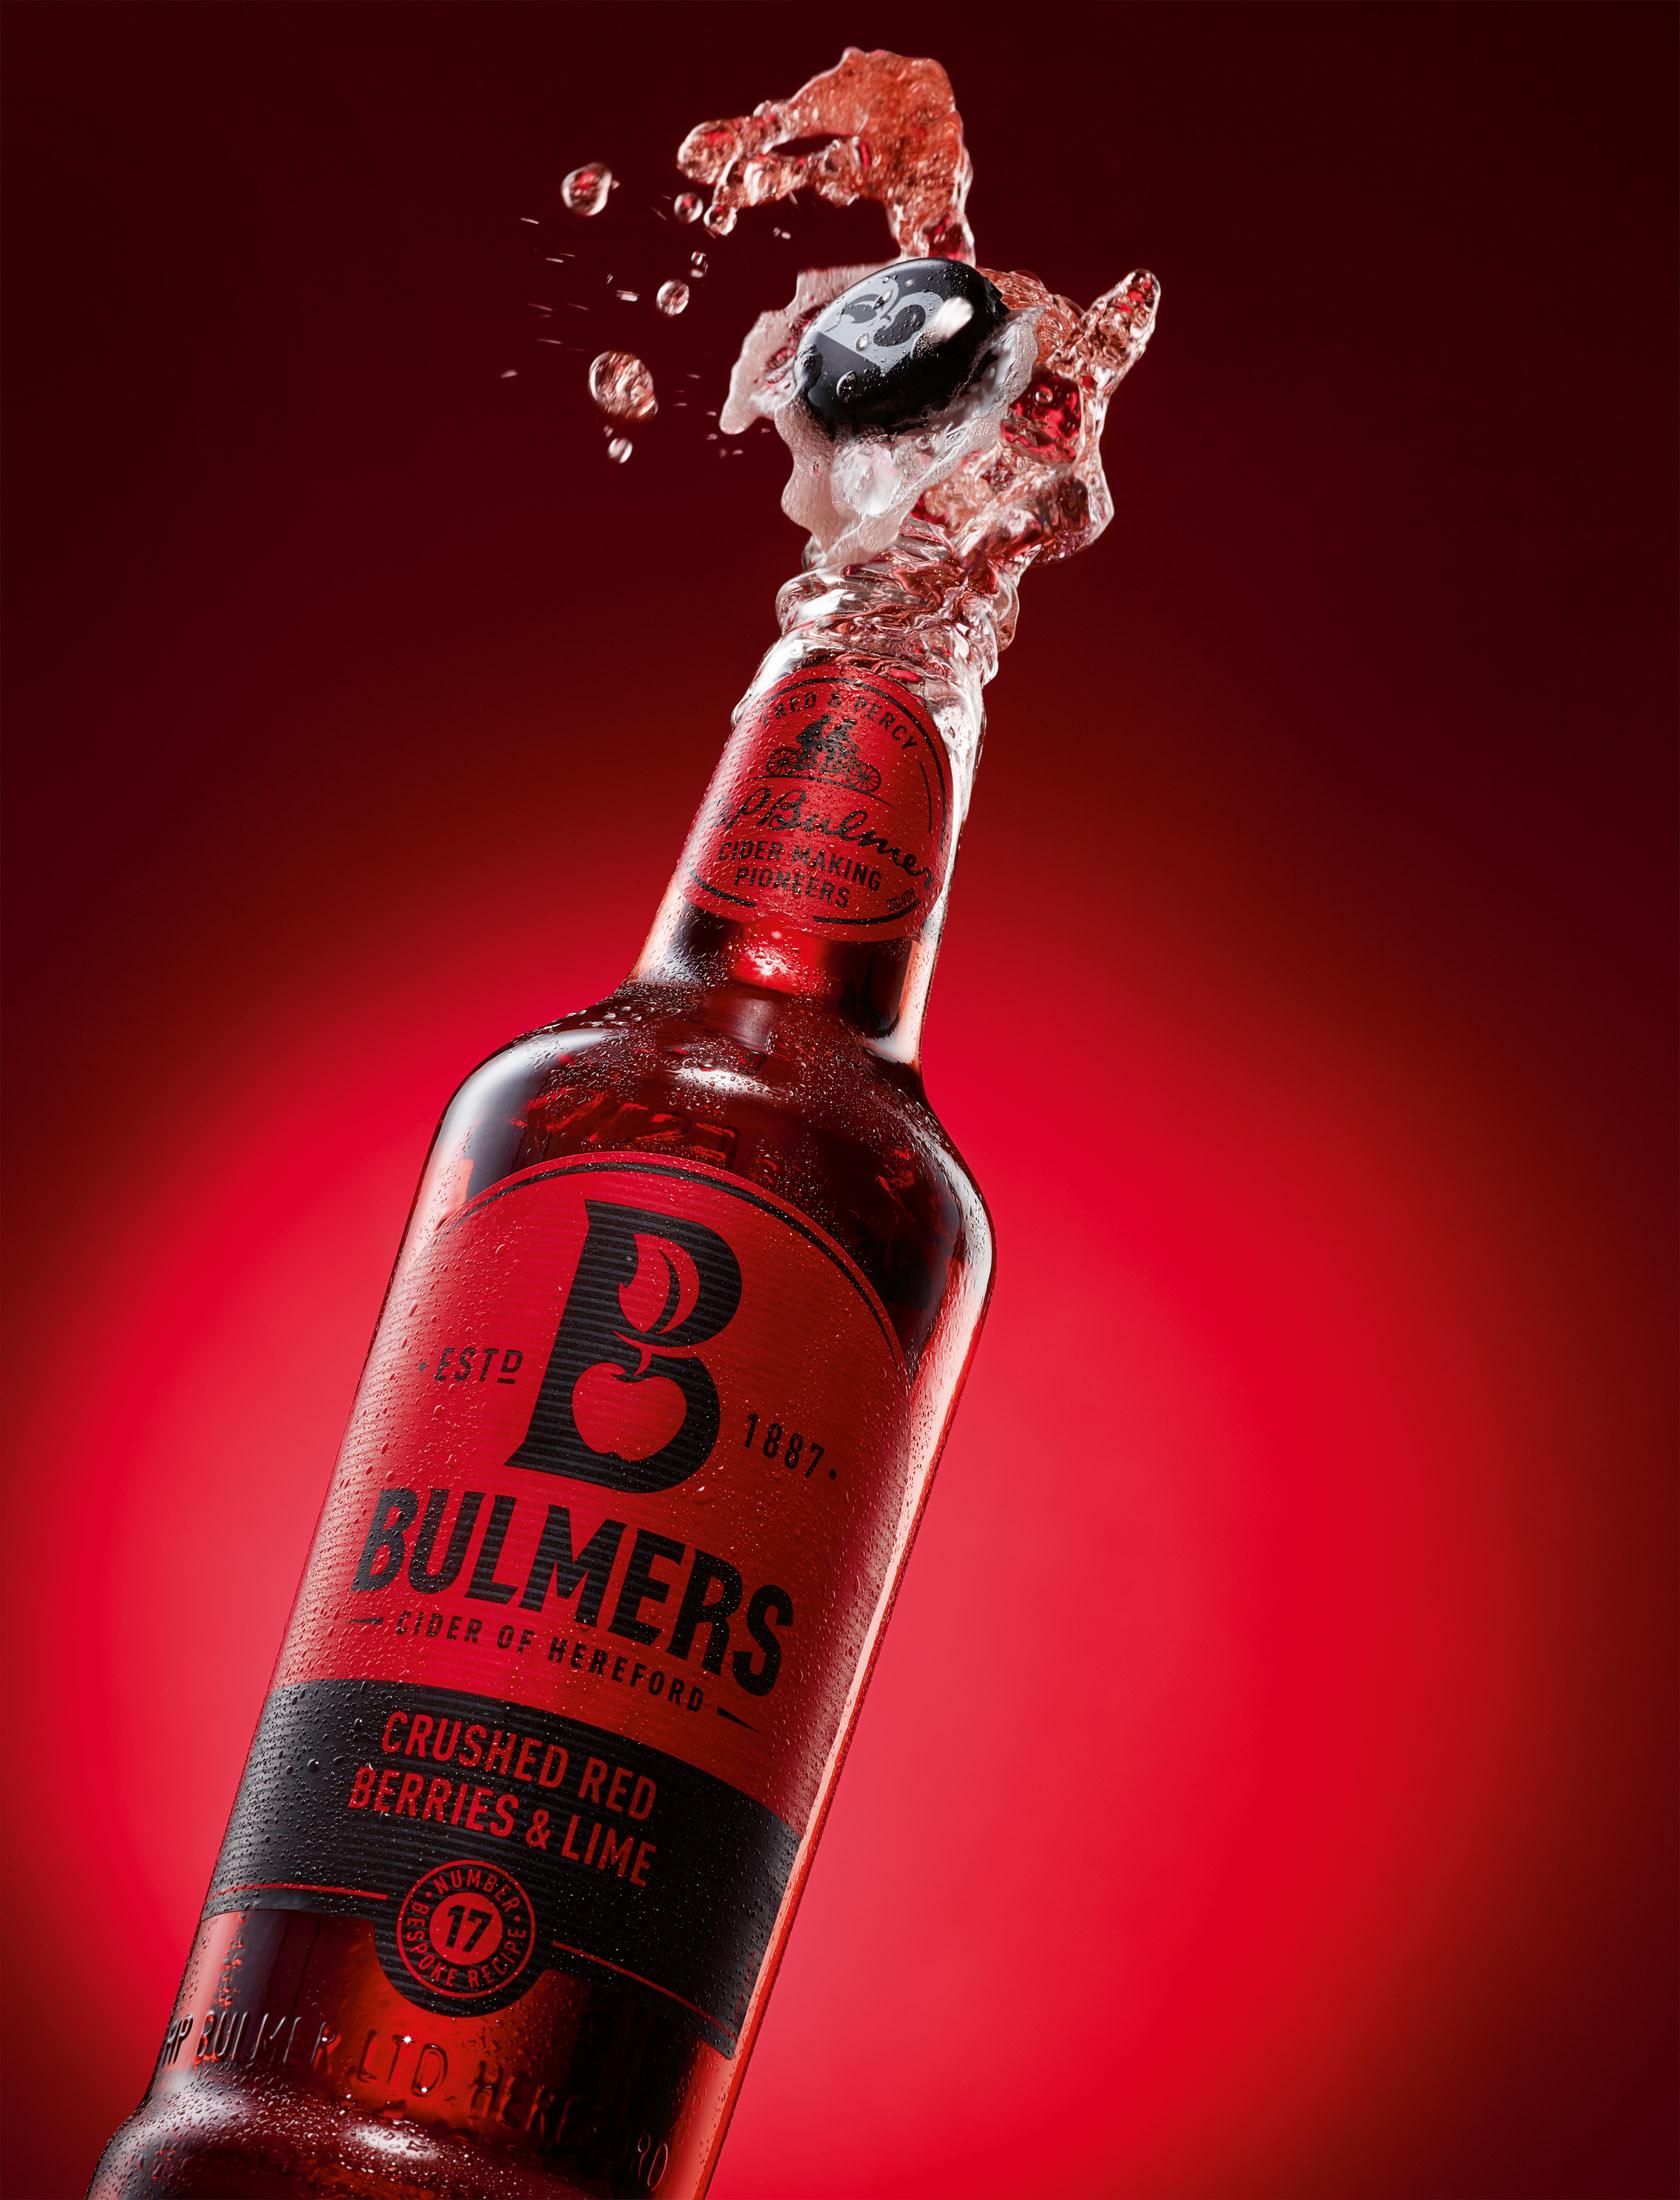 bulmers / cider splash - fotograf: holger puhl